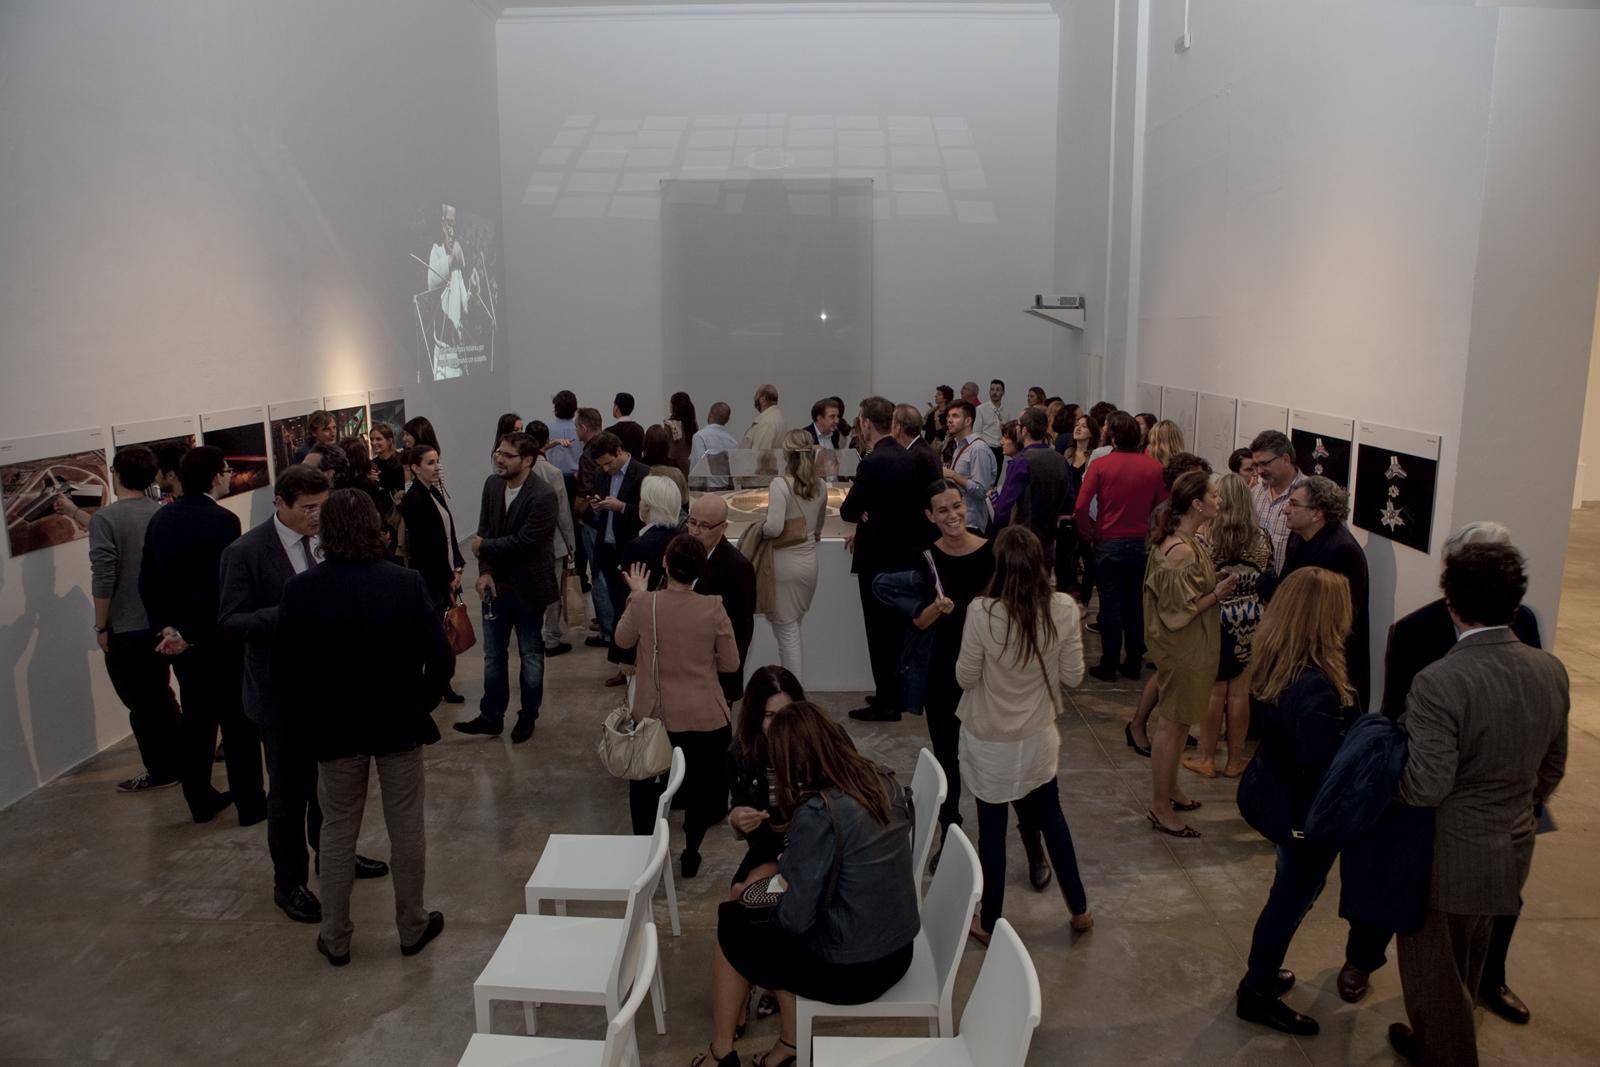 Miradas - Diseño y identidad visual para la exposición Miradas con Foster+Partners, Miguel Navarro y Michael Nyman